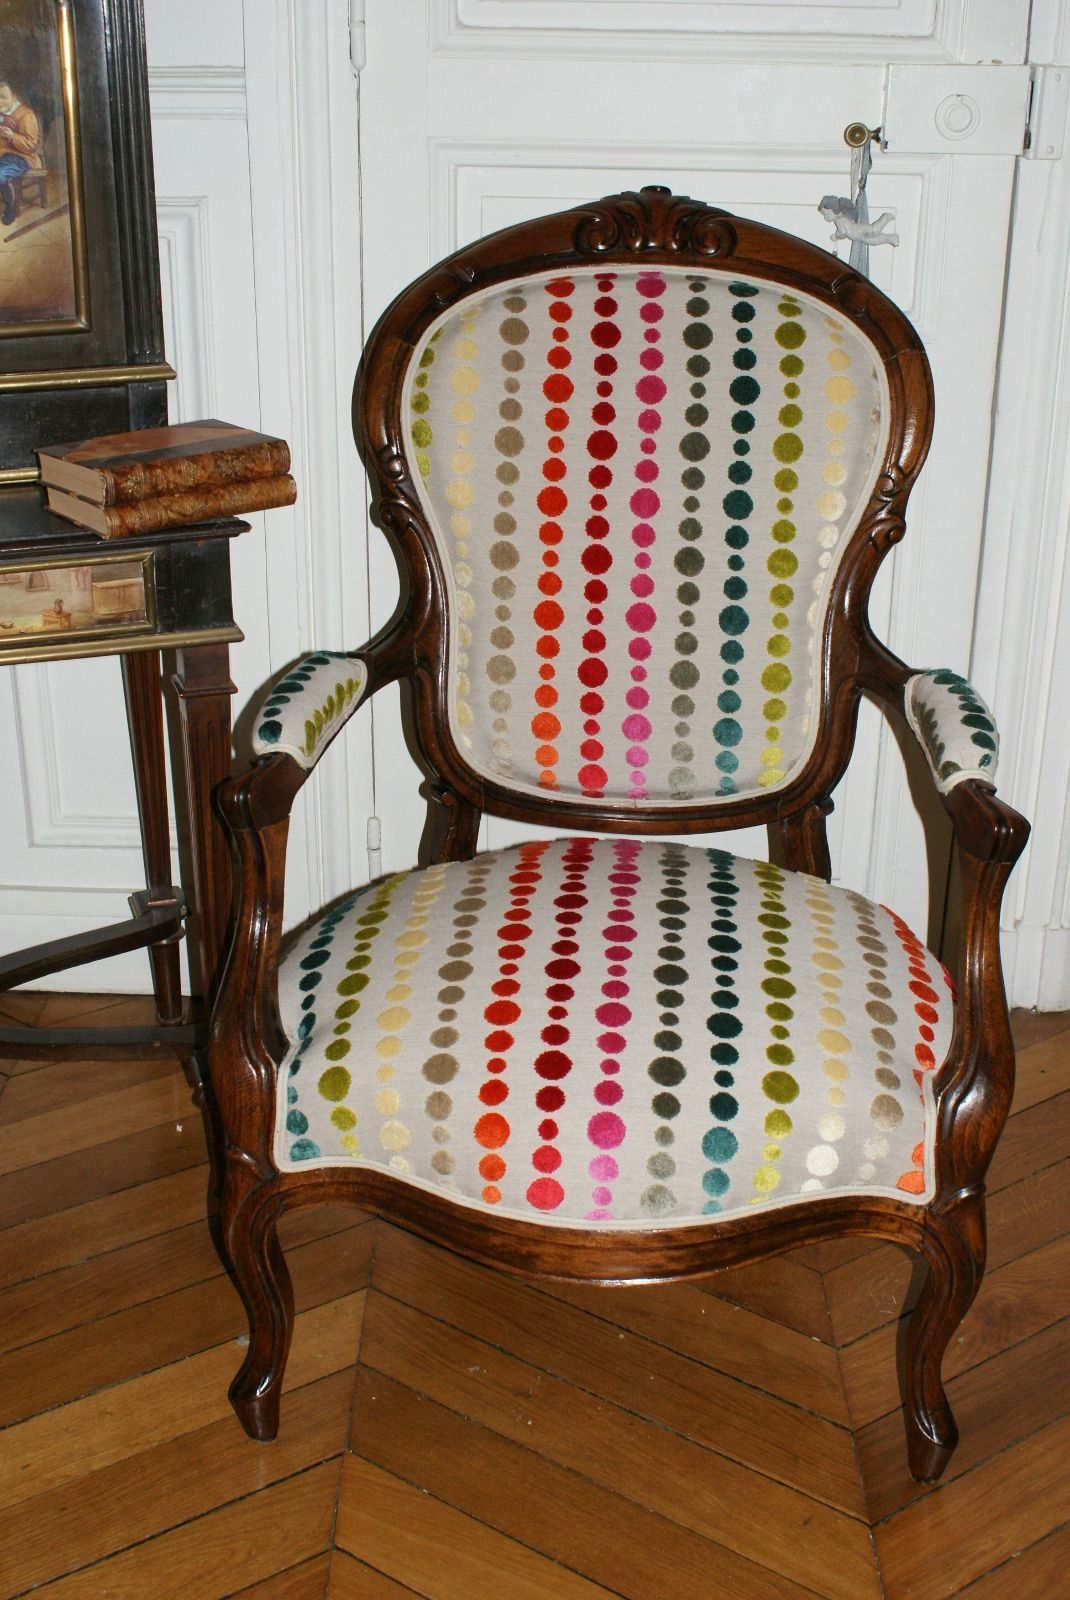 rsultat de recherche dimages pour fauteuil napoleon iii multicolore - Fauteuil Napoleon 3